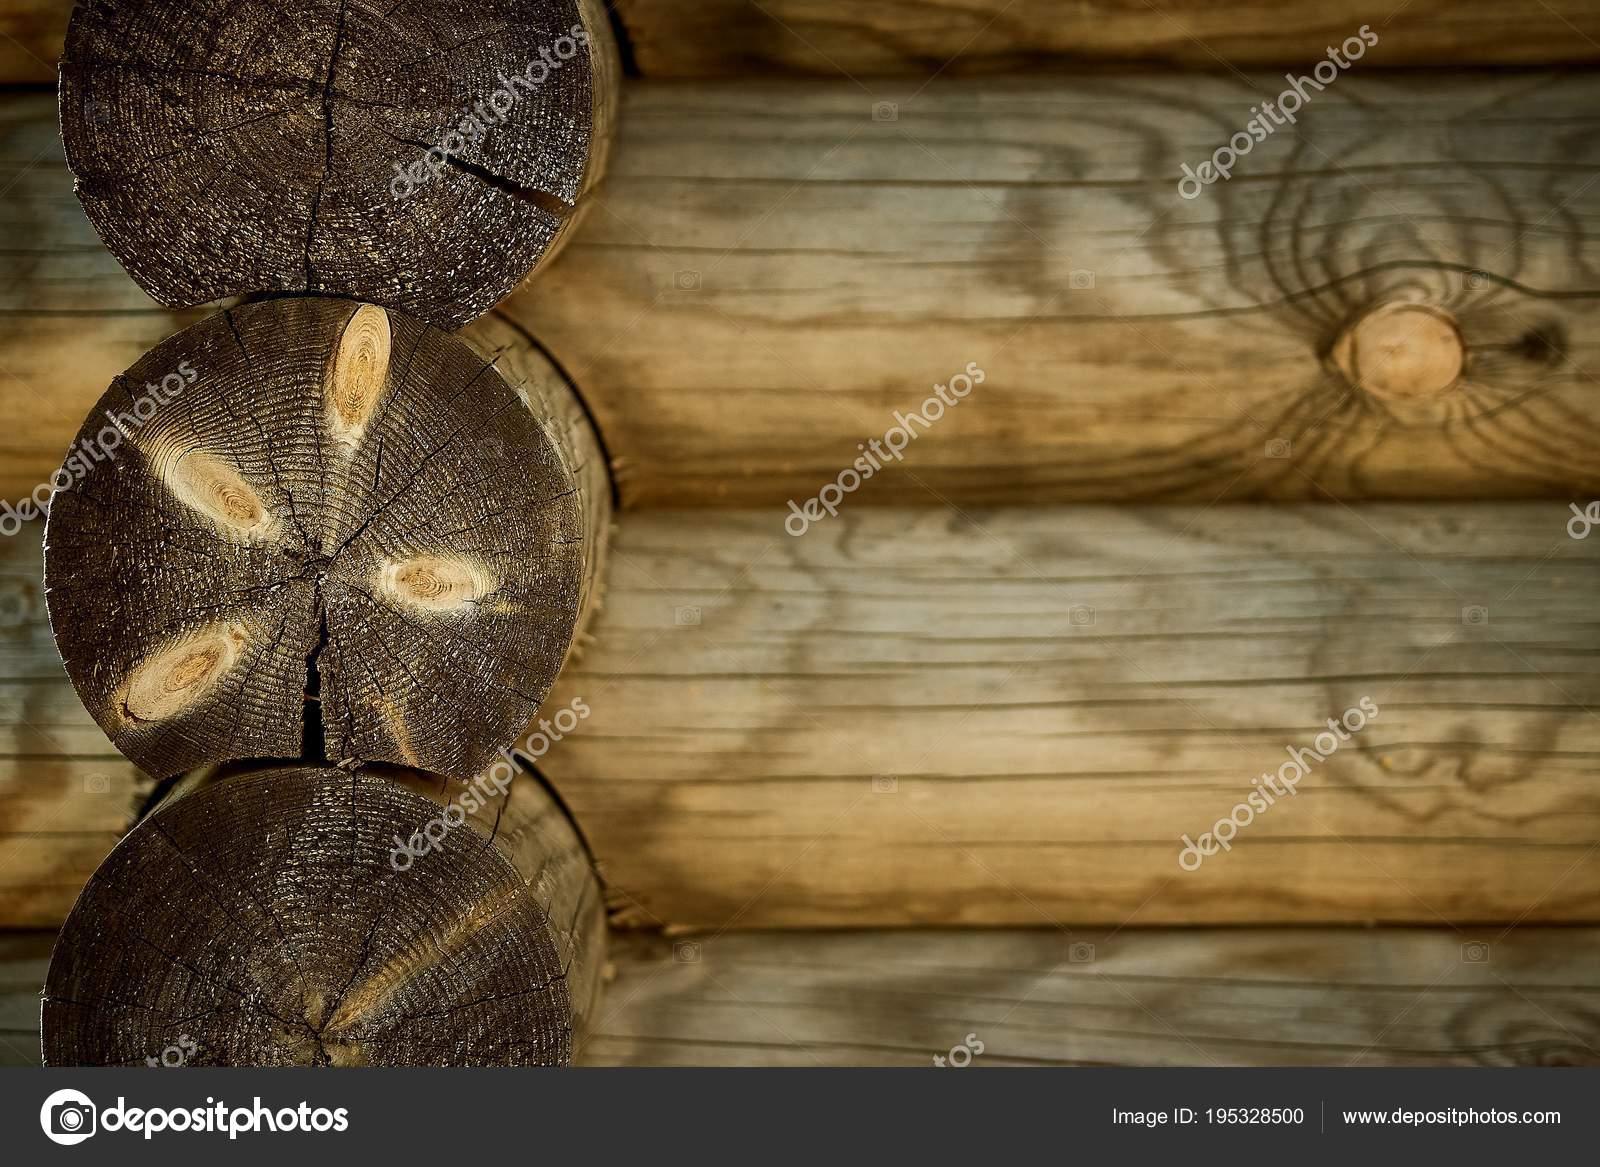 Bouclier Avec Un Grand Nombre De Texture Parallele Billots En Bois Image